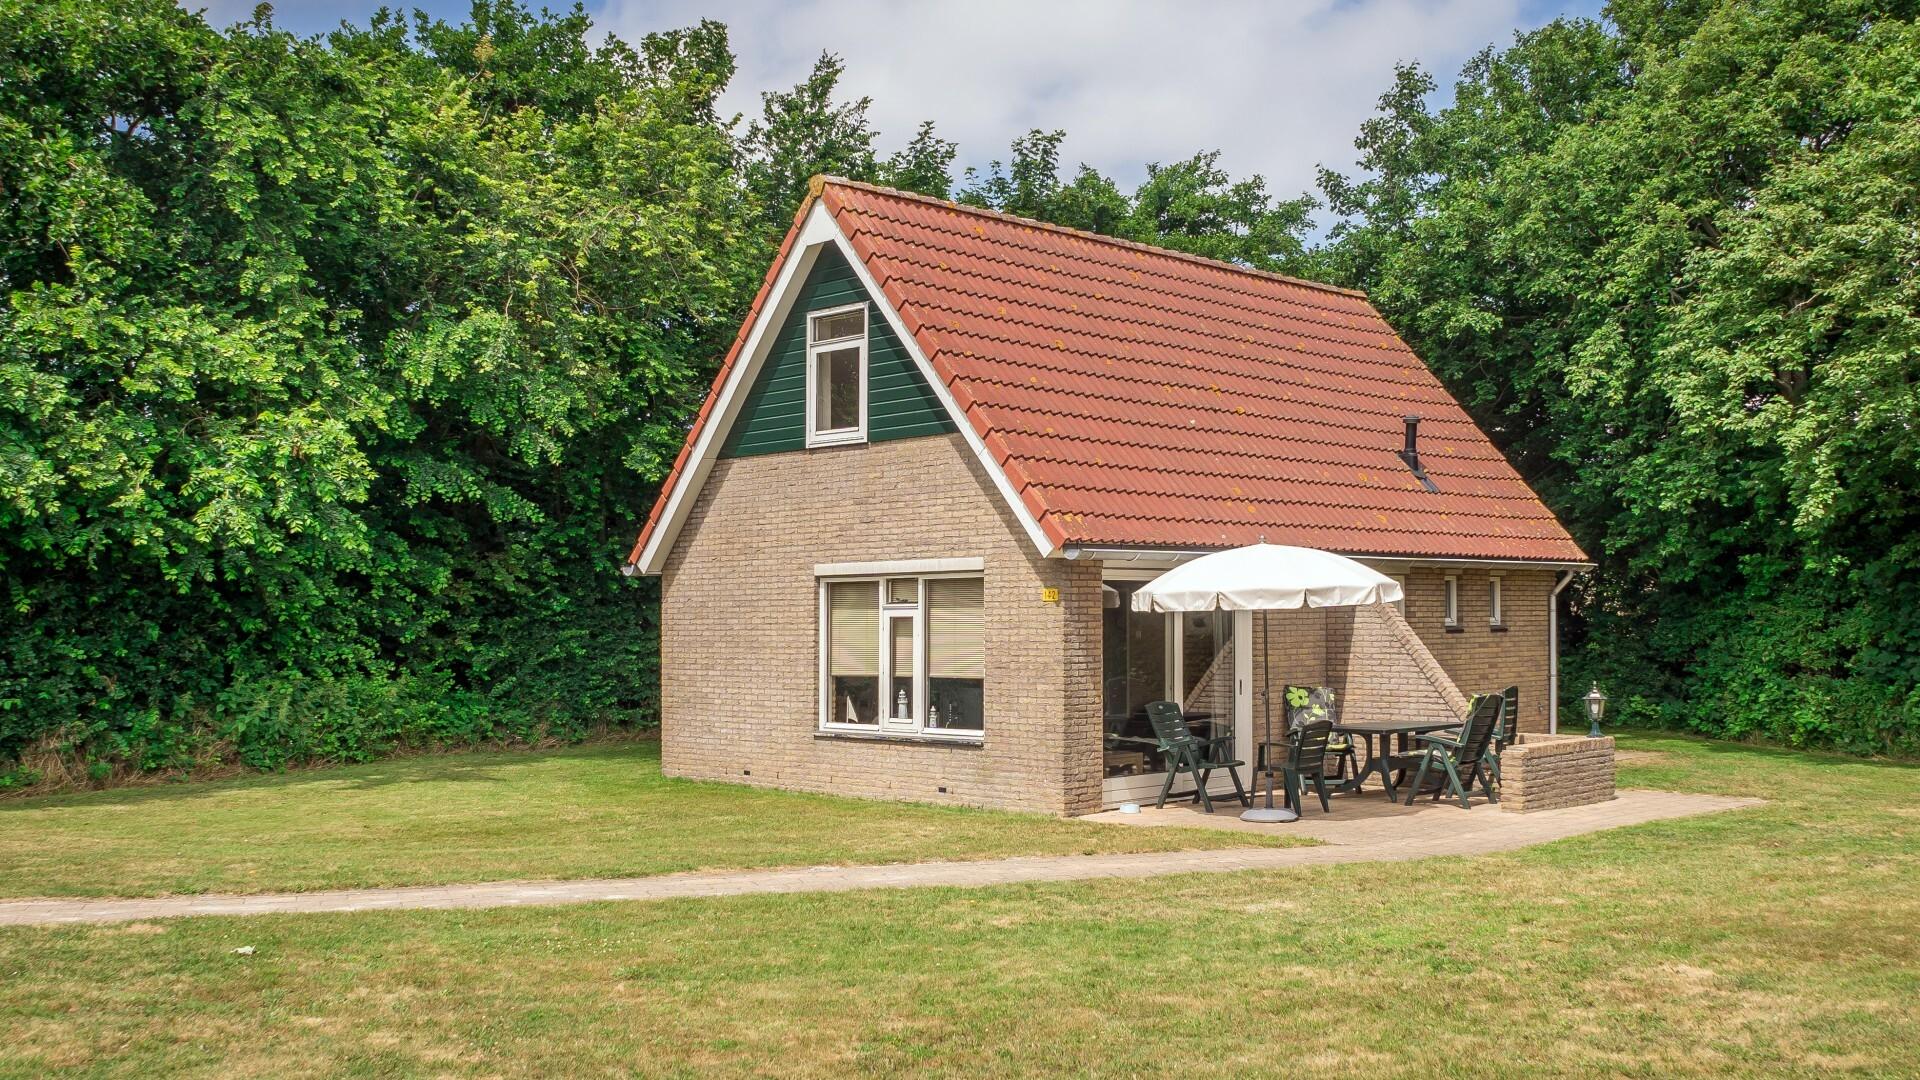 Bungalow De Witte Hoek vijfpersoons in De Cocksdorp VVV Texel